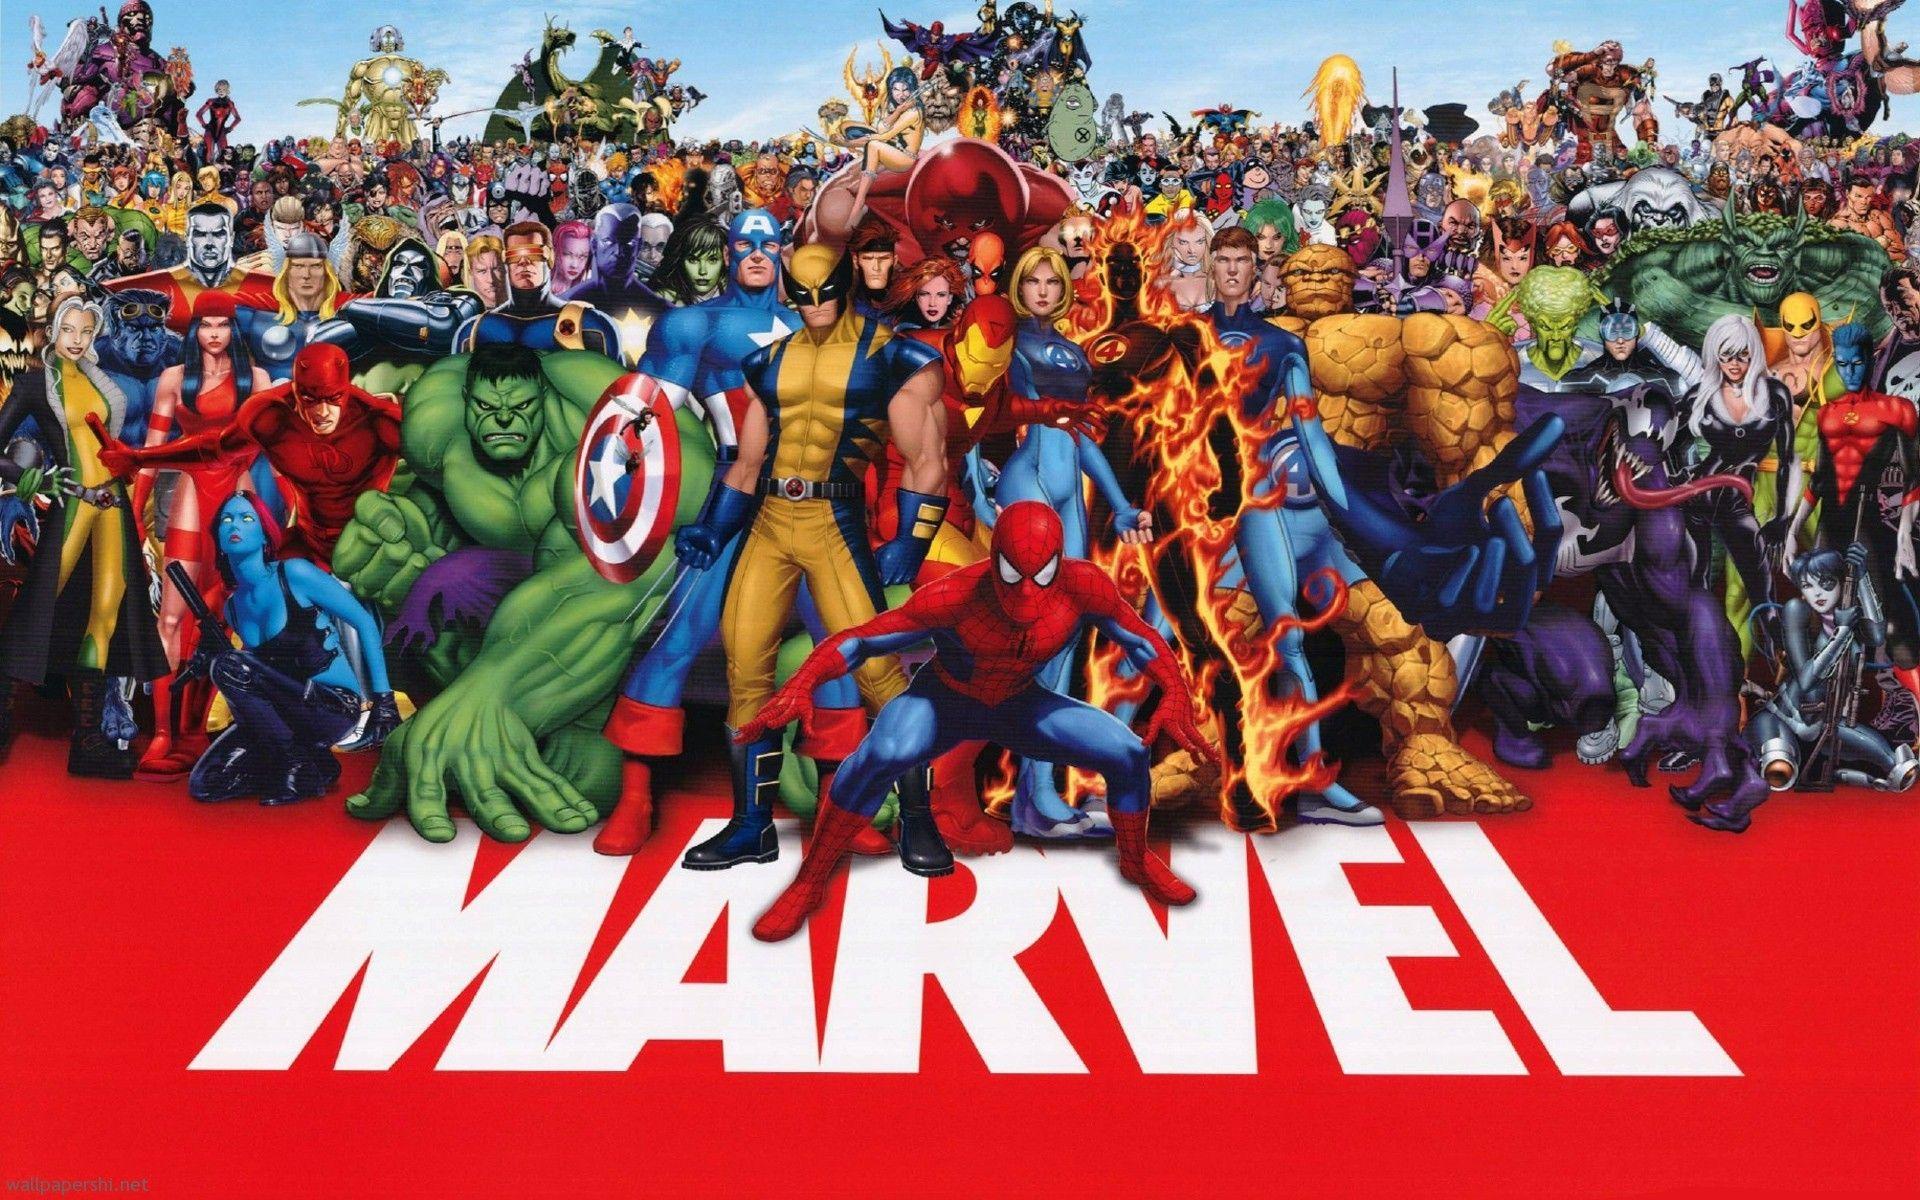 marvel wallpaper hd - sf wallpaper